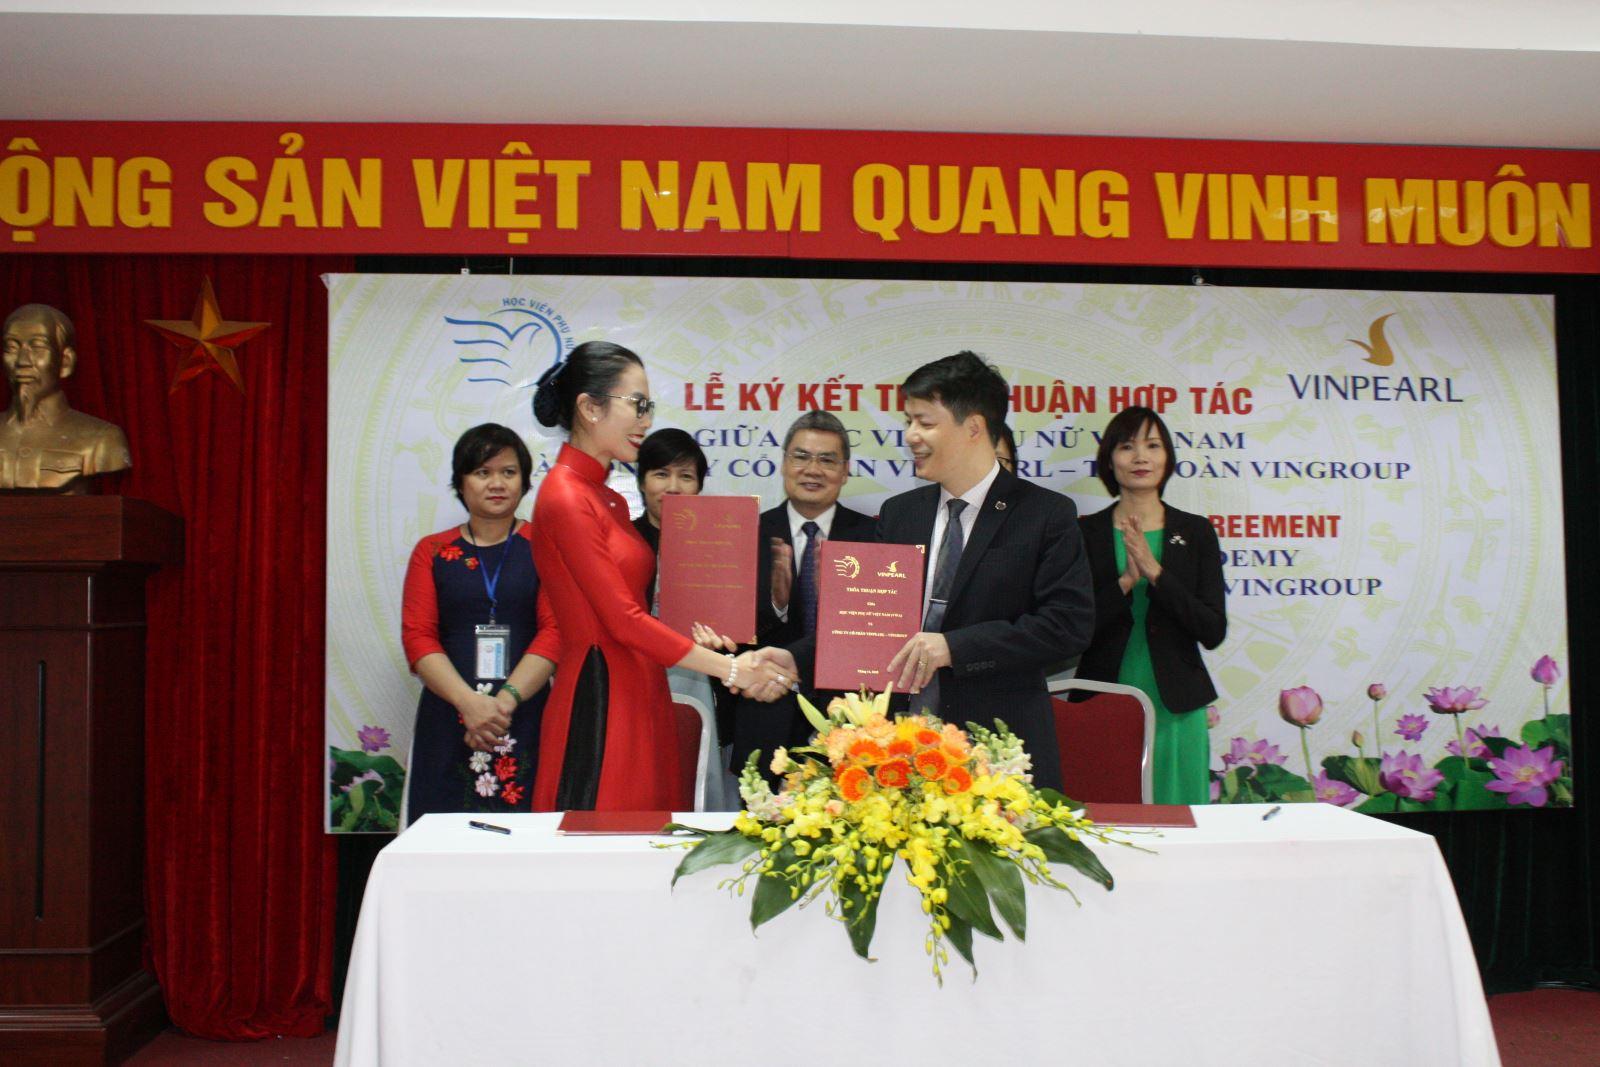 Lễ ký kết Thỏa thuận hợp tác giữa Học viện Phụ nữ Việt Nam và Công ty CP Vinpearl